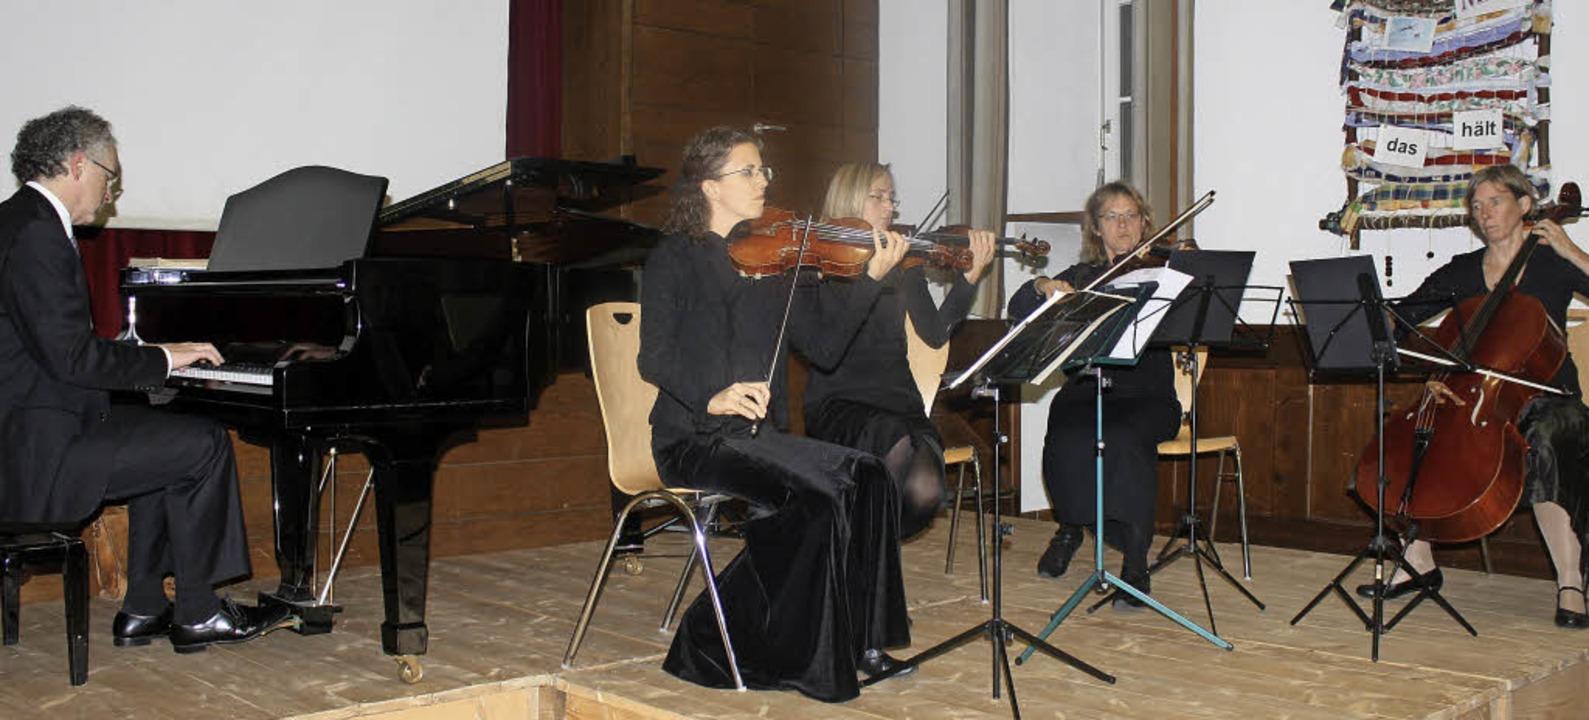 Ein Streichquartett – Carina Kal...rtson (Klavier) als Solist darbietet.     Foto: Hildegard Karig